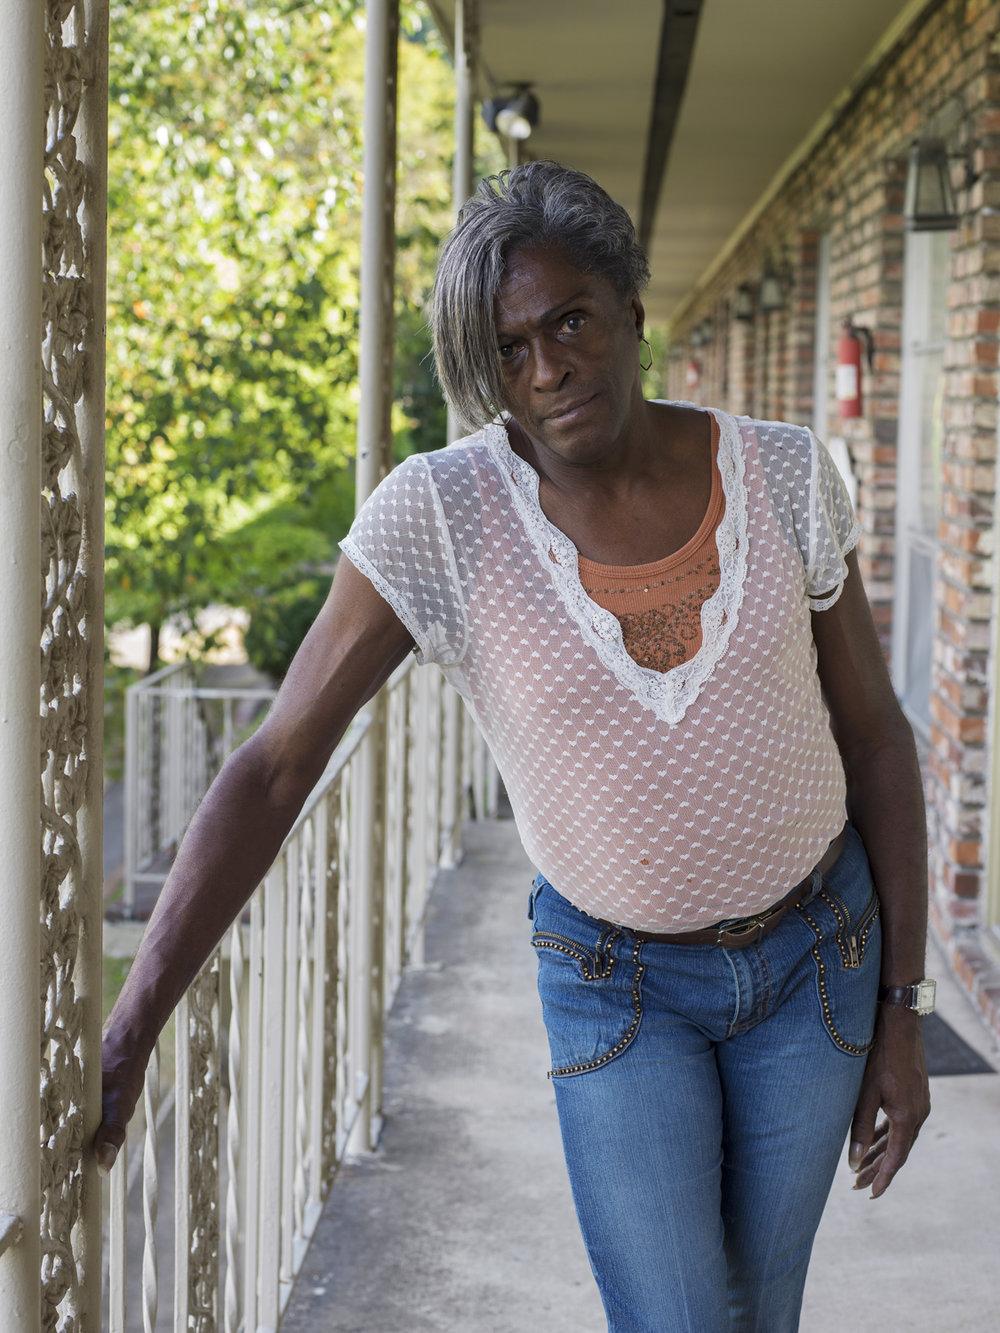 Tasha, 65, Birmingham, AL, 2013